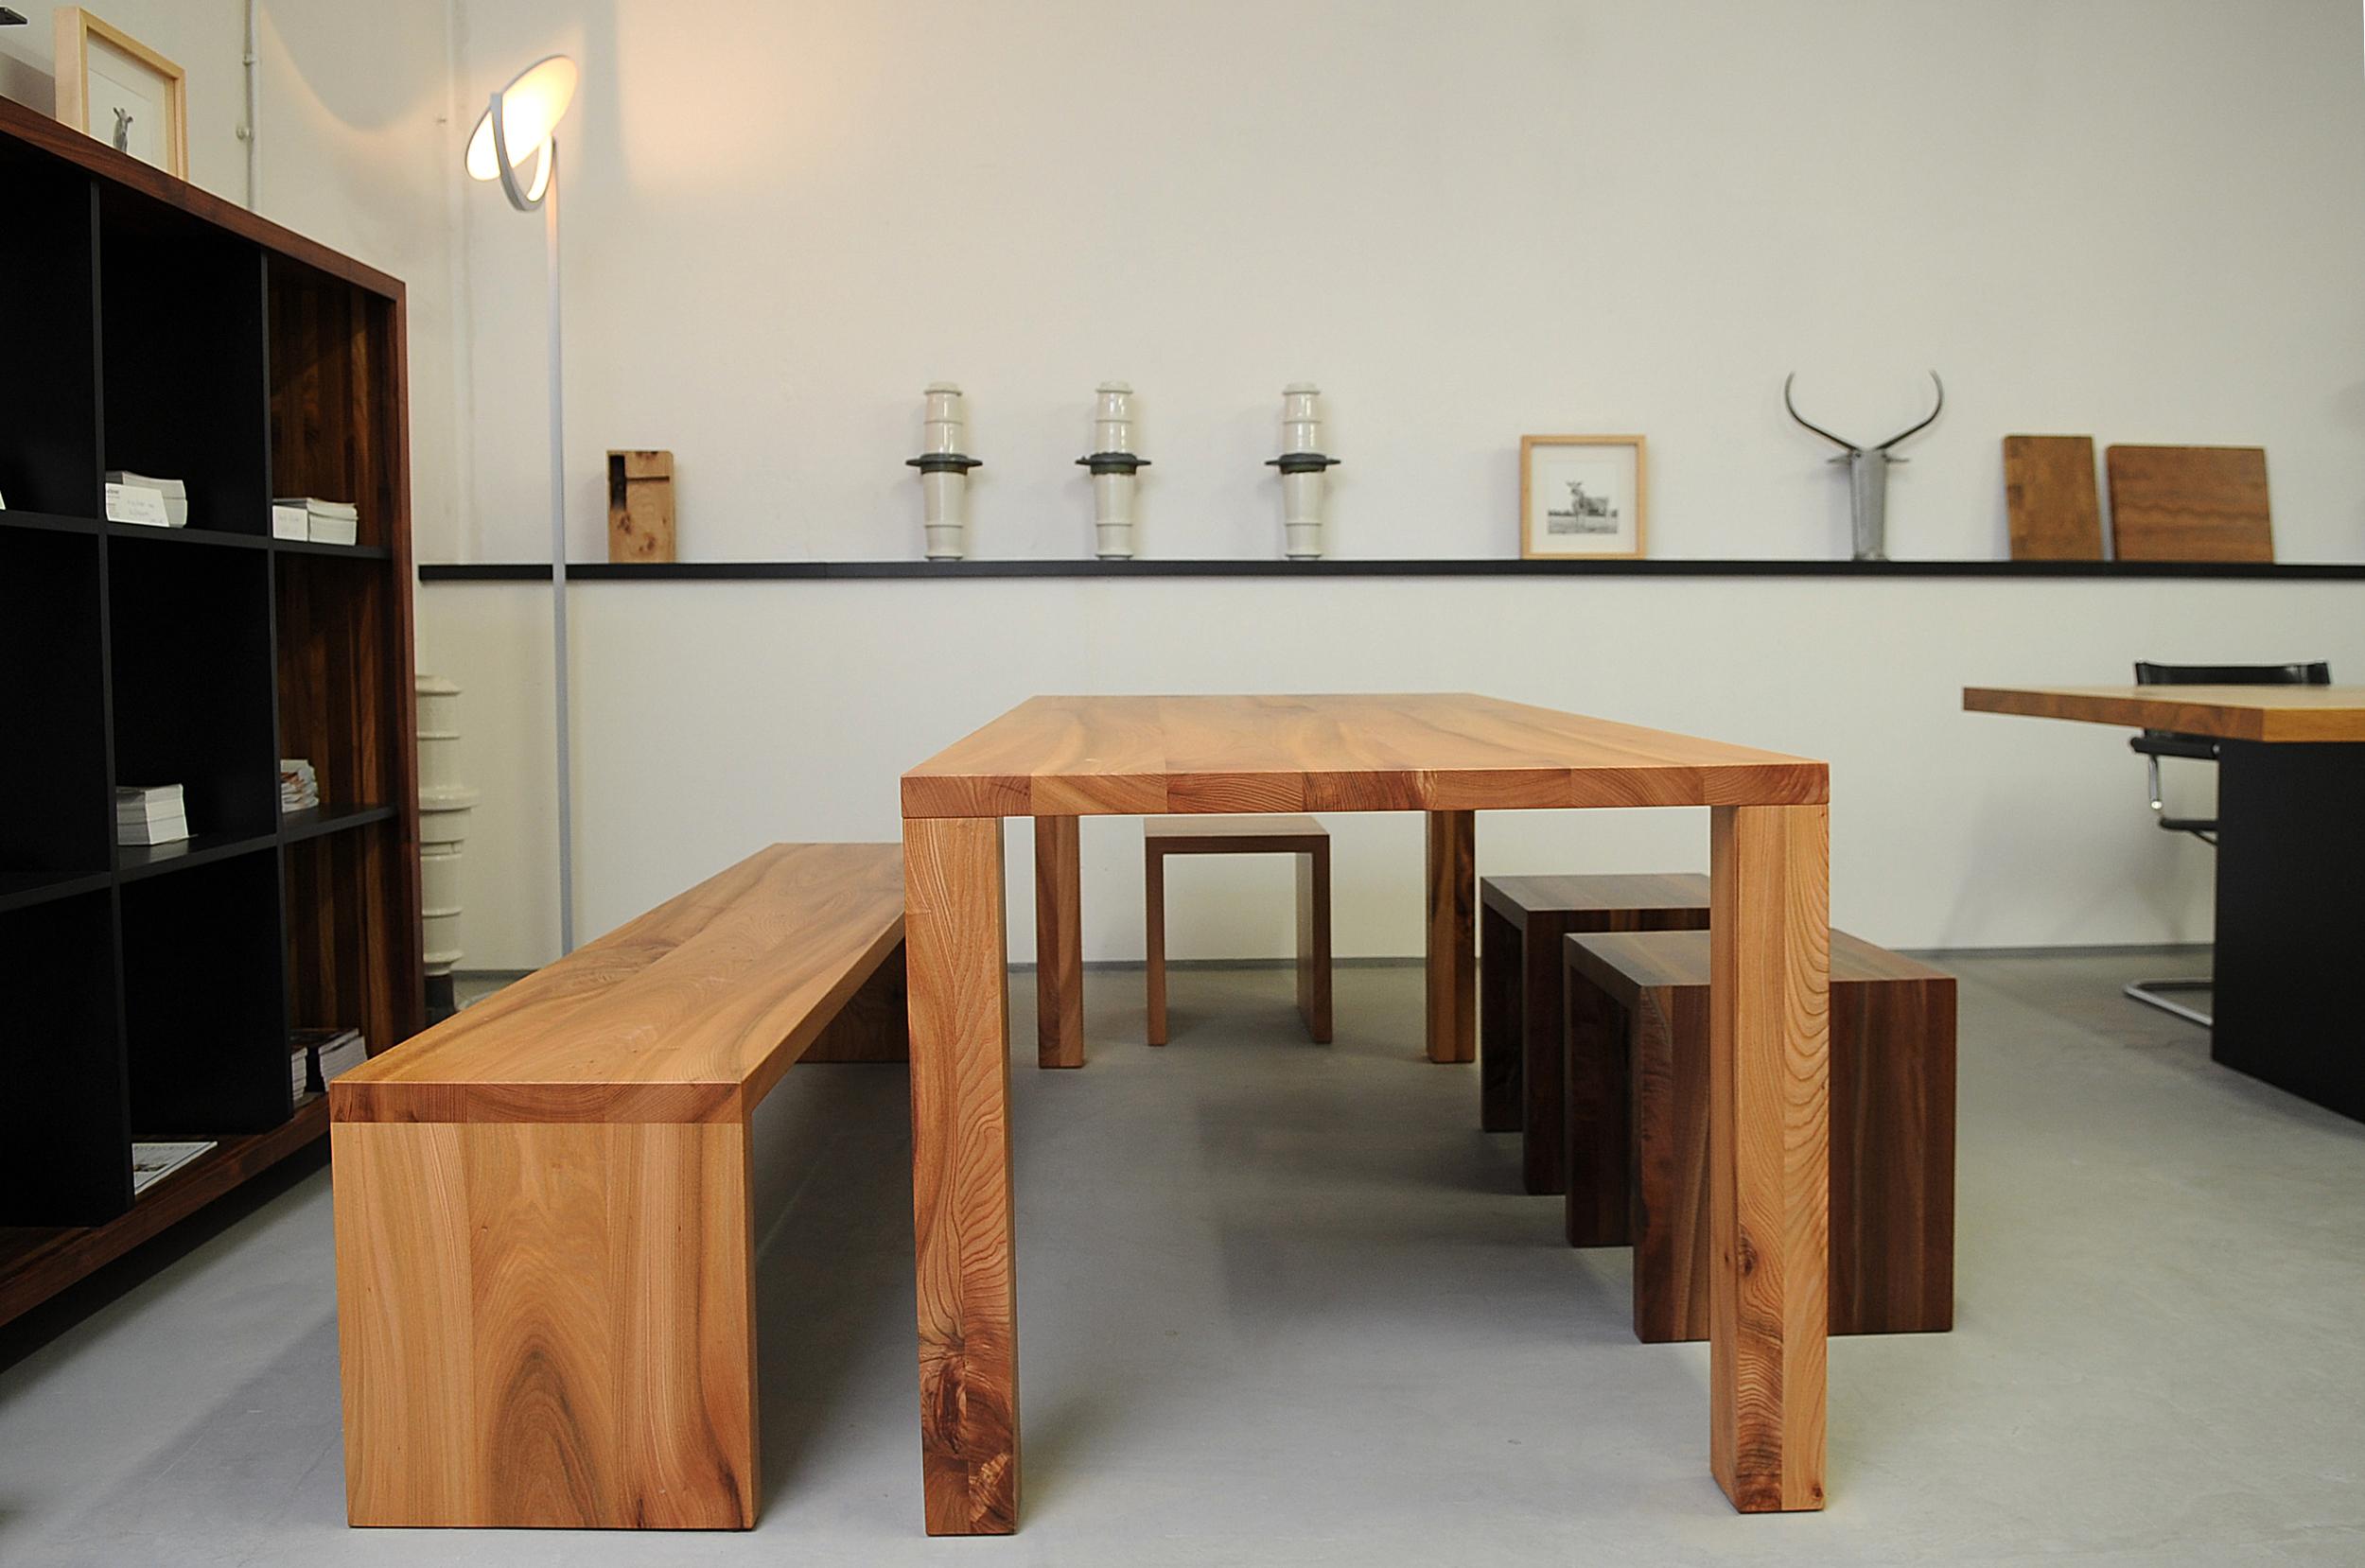 Tisch Modo mit Bank Joseph aus Rüster und Hockern aus Nussbaum Plattenstärke 4 cm 200 x 90 cm 1.400 Euro inkl. 19% Umsatzsteuer, ab Werkstatt. 220 x 90 cm 1.475 Euro inkl. 19% Umsatzsteuer, ab Werkstatt.